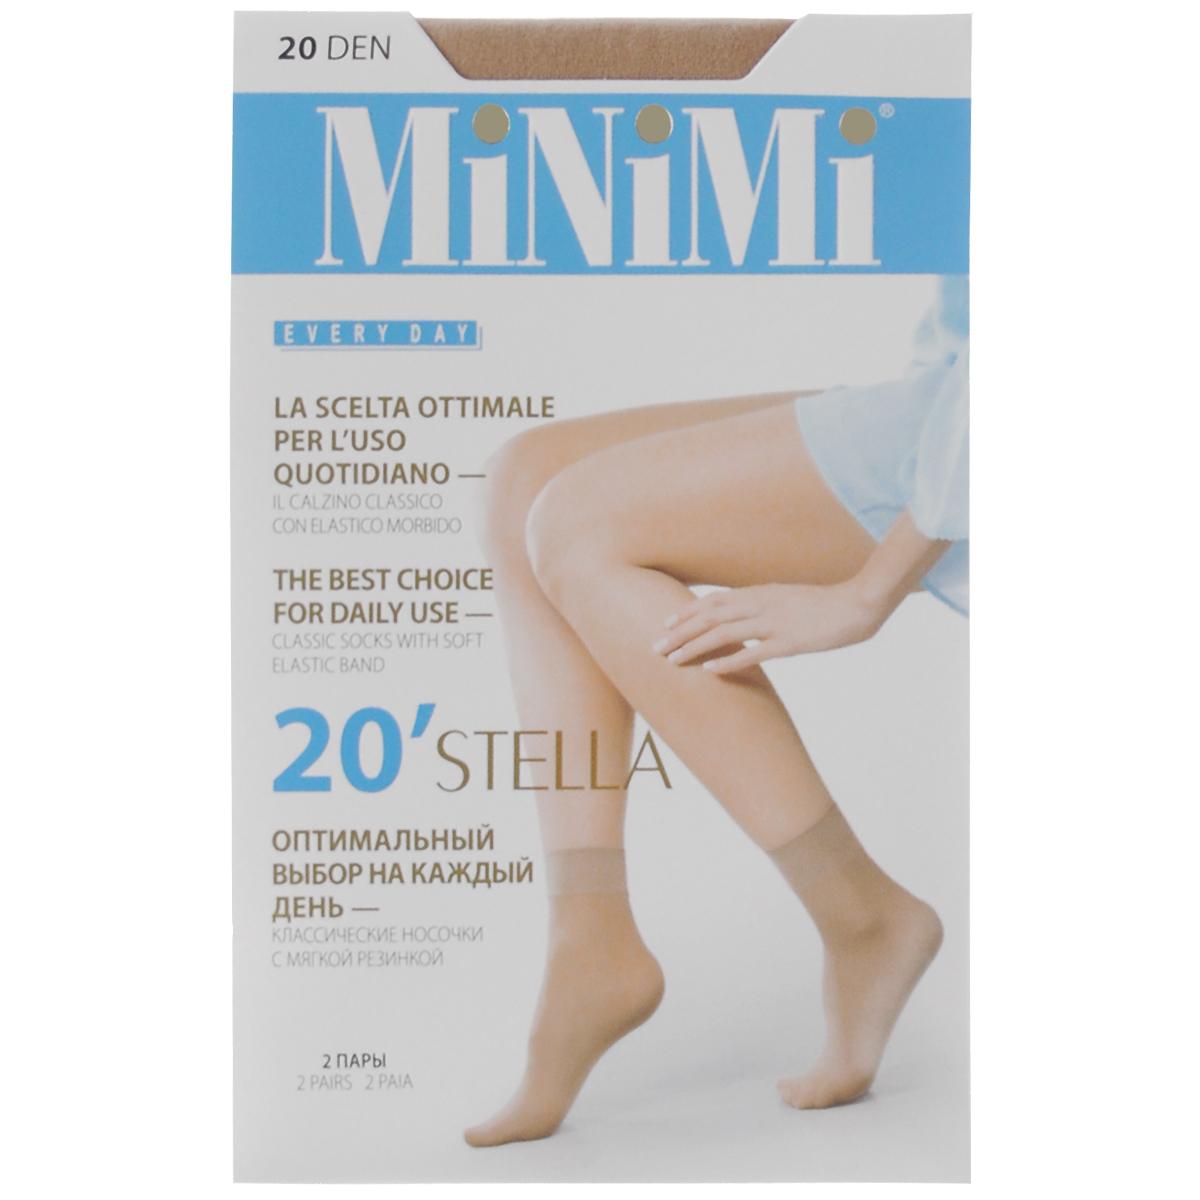 Носки женские Minimi Stella 20, 2 пары, цвет: Caramello (карамельный). Размер универсальныйSTELLA 20Классические матовые носки Minimi Stella с комфортной резинкой и укрепленным мыском. В комплект входят 2 пары. Плотность: 20 den.